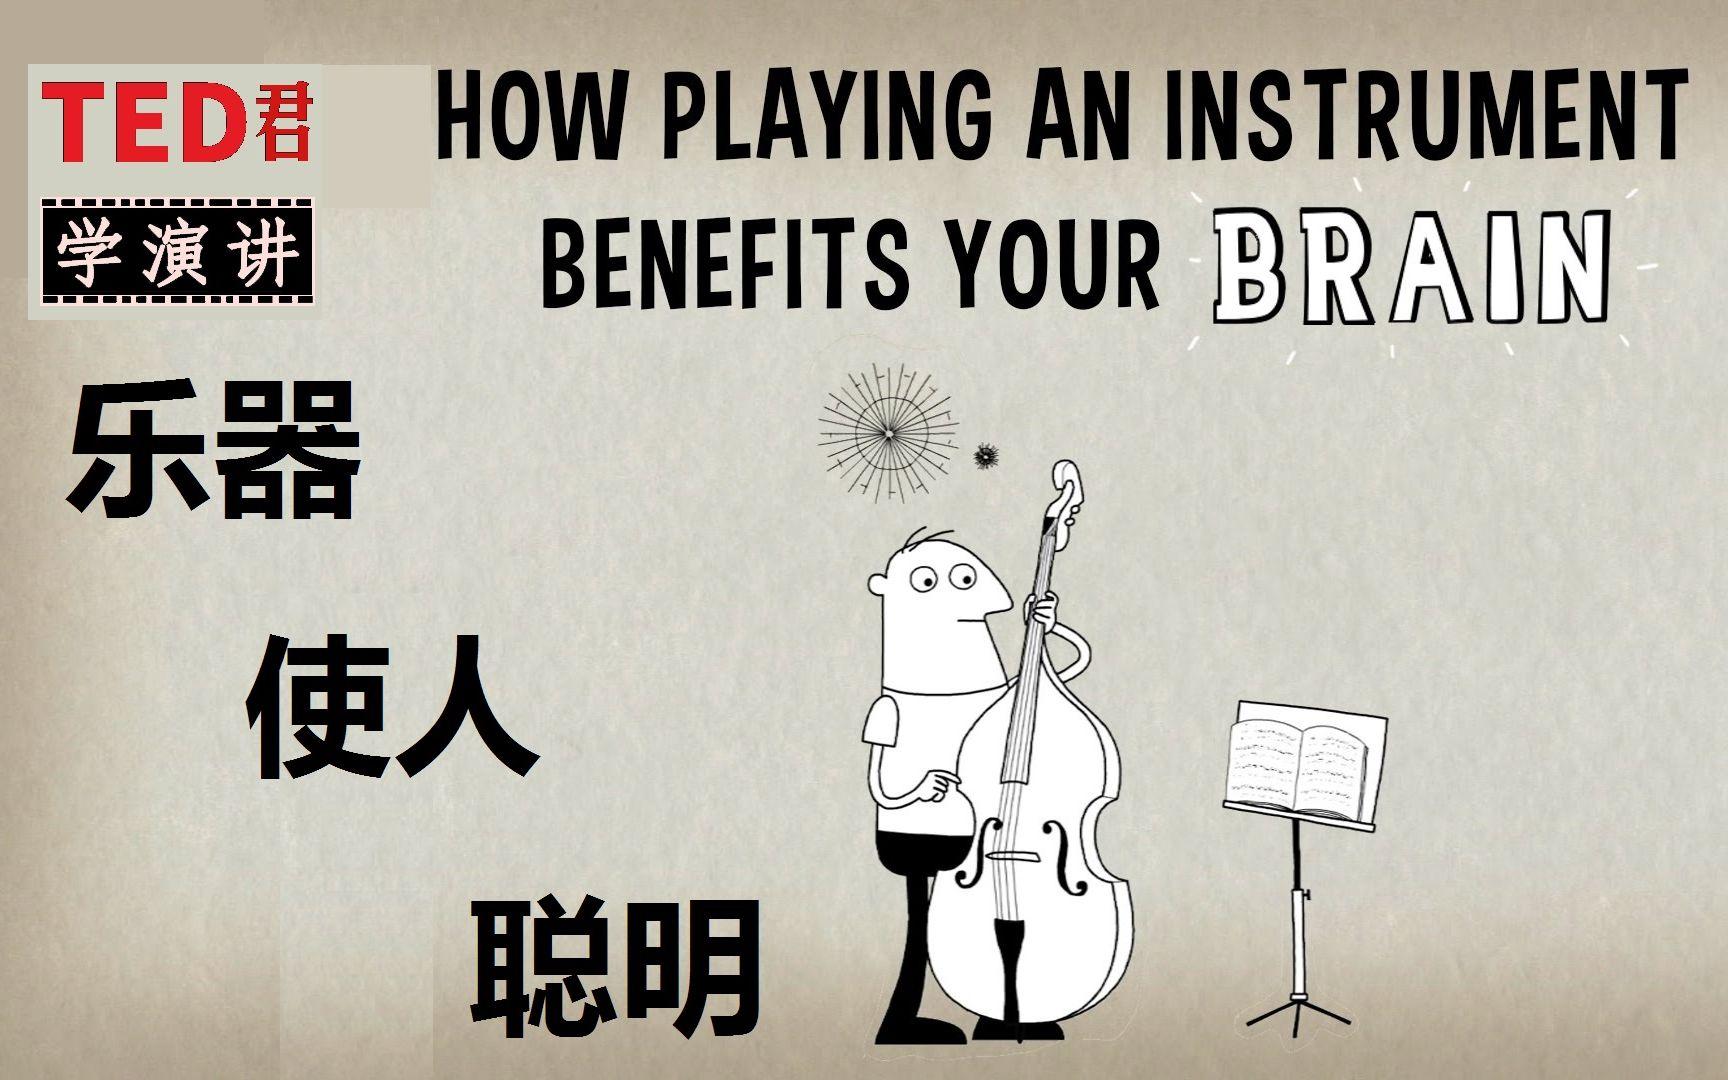 学乐器的人通常更聪明?